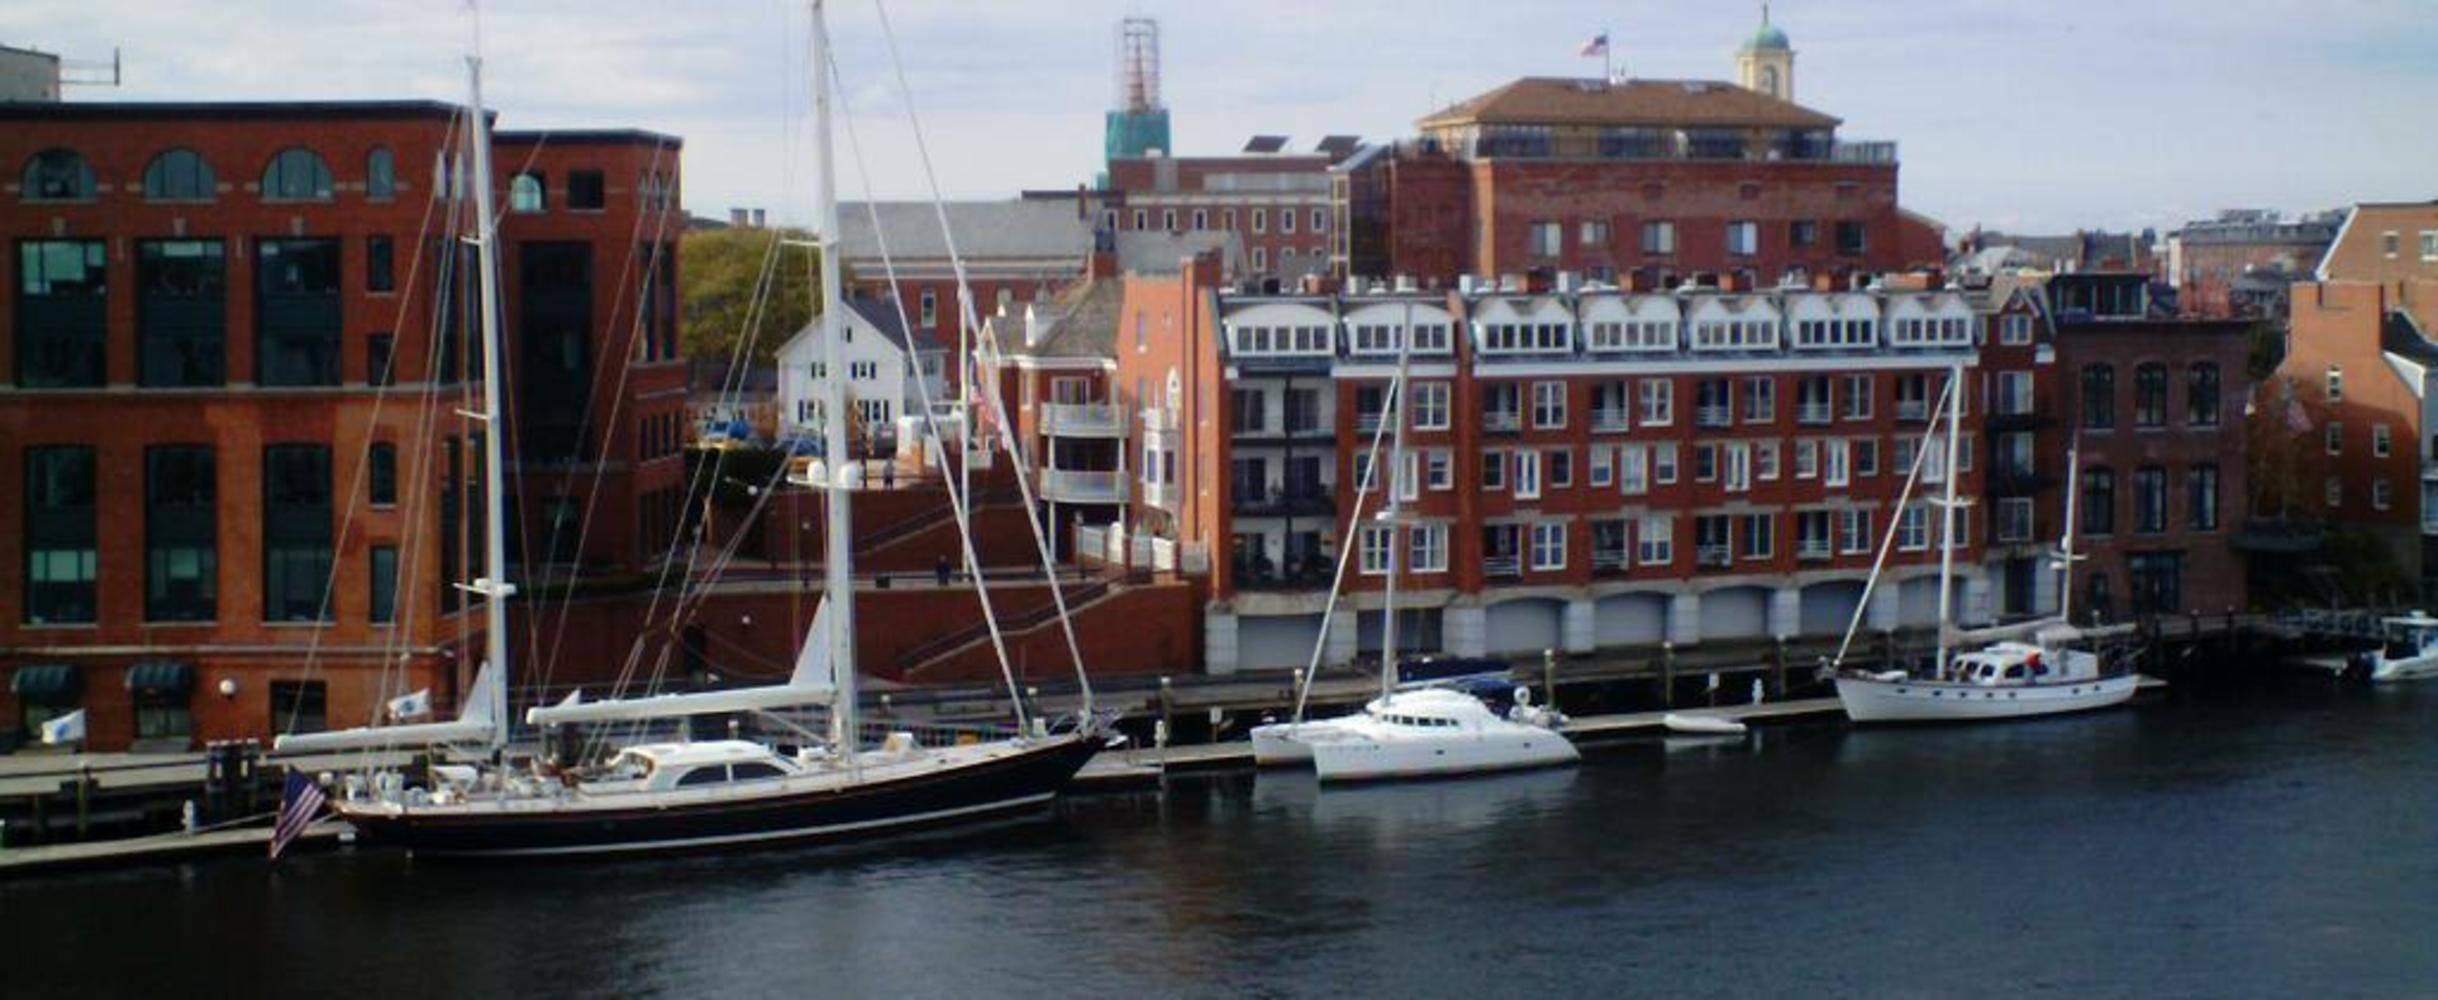 Portsmouth hookup spots